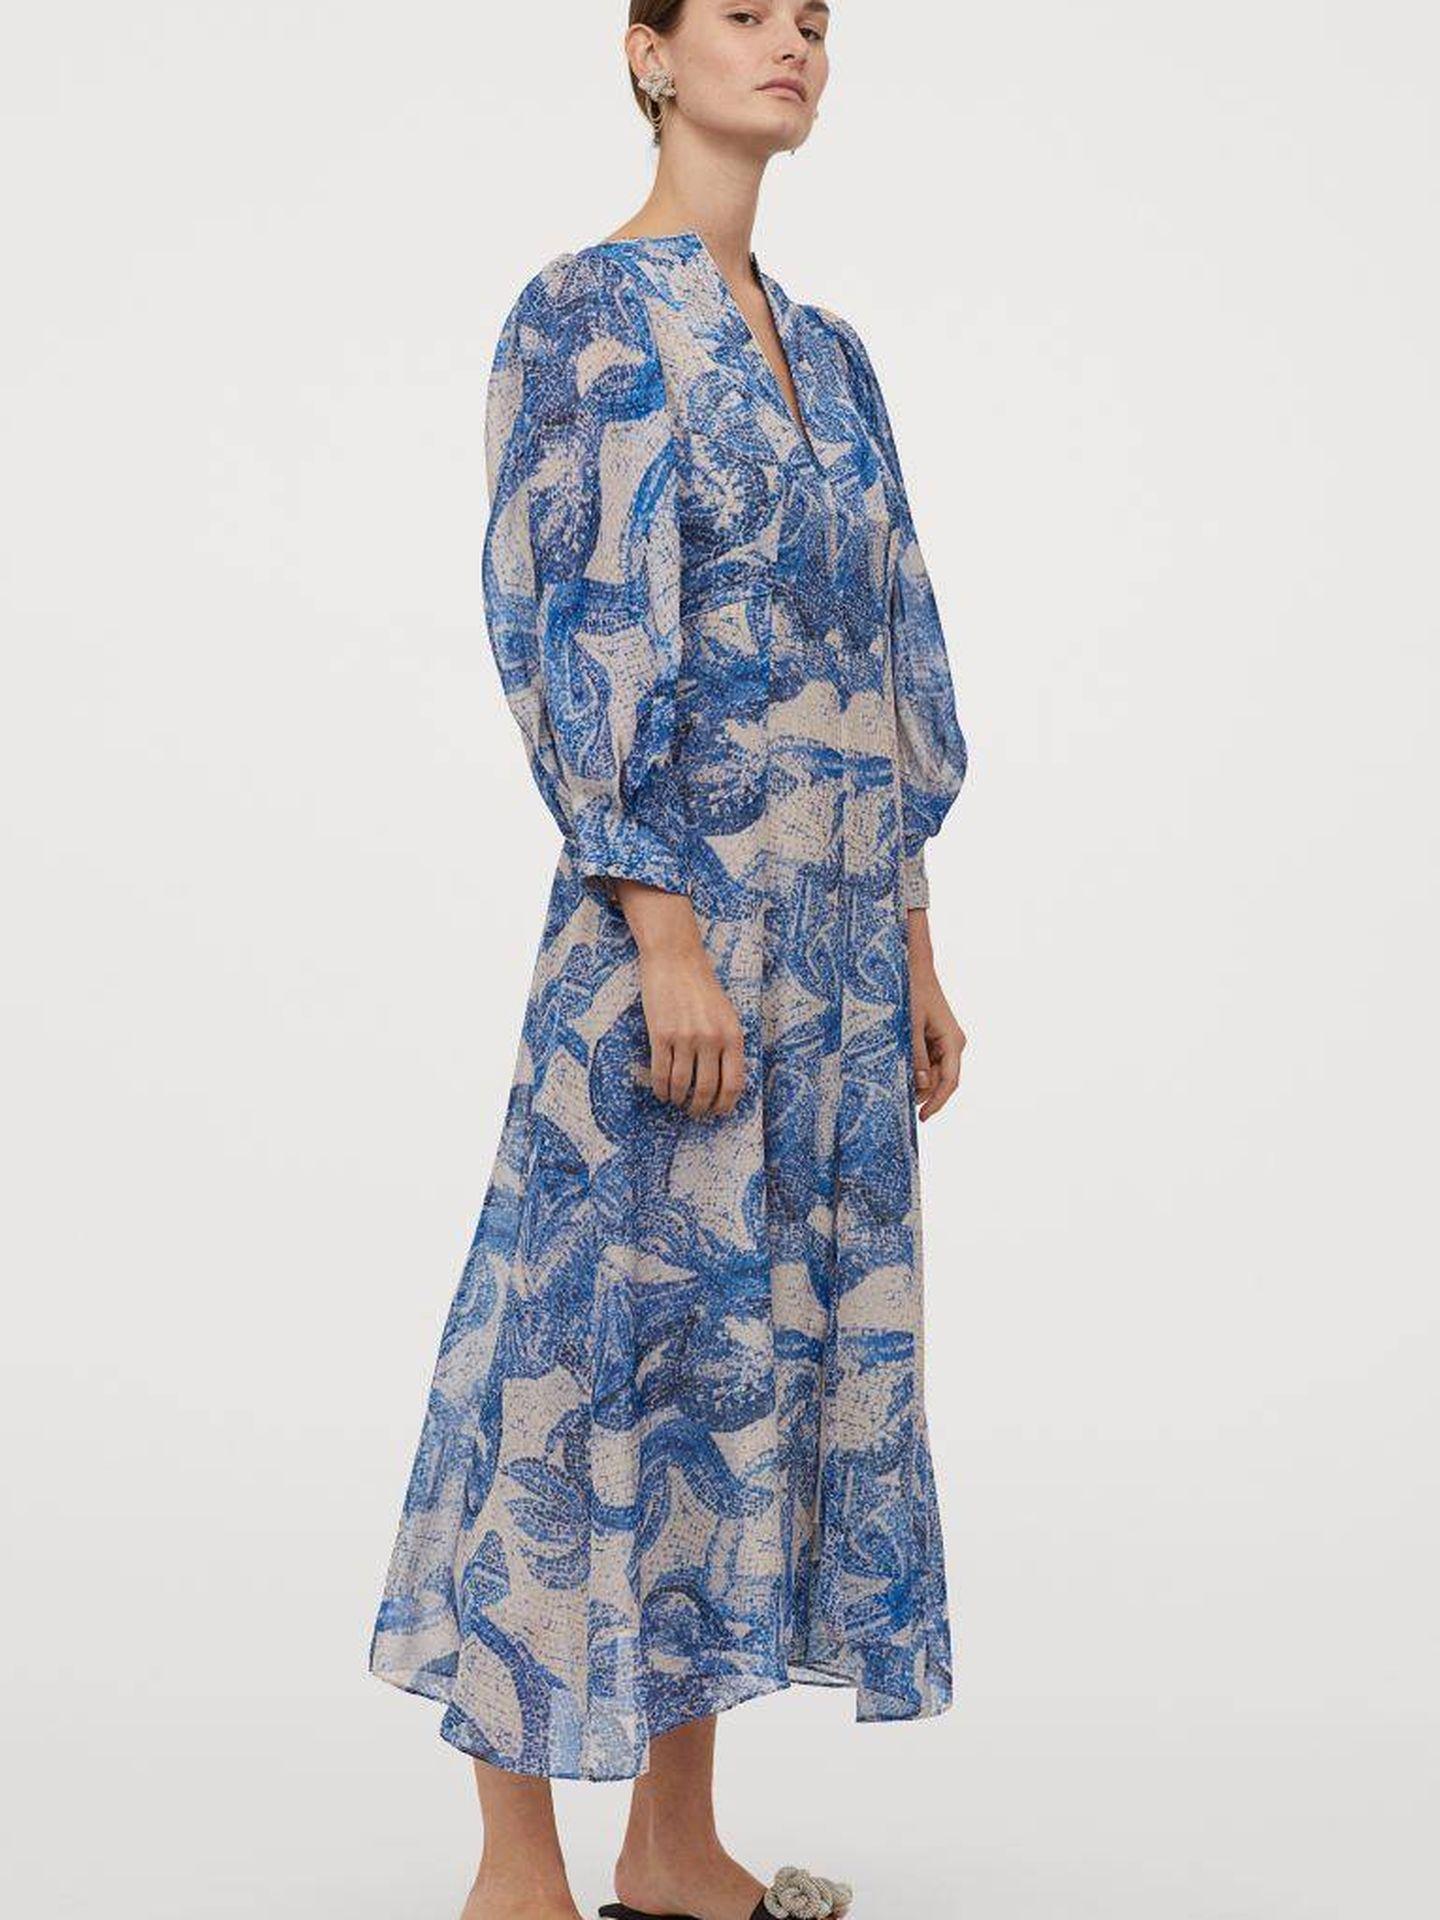 El vestido de HyM que lleva Victoria de Suecia. (Cortesía)